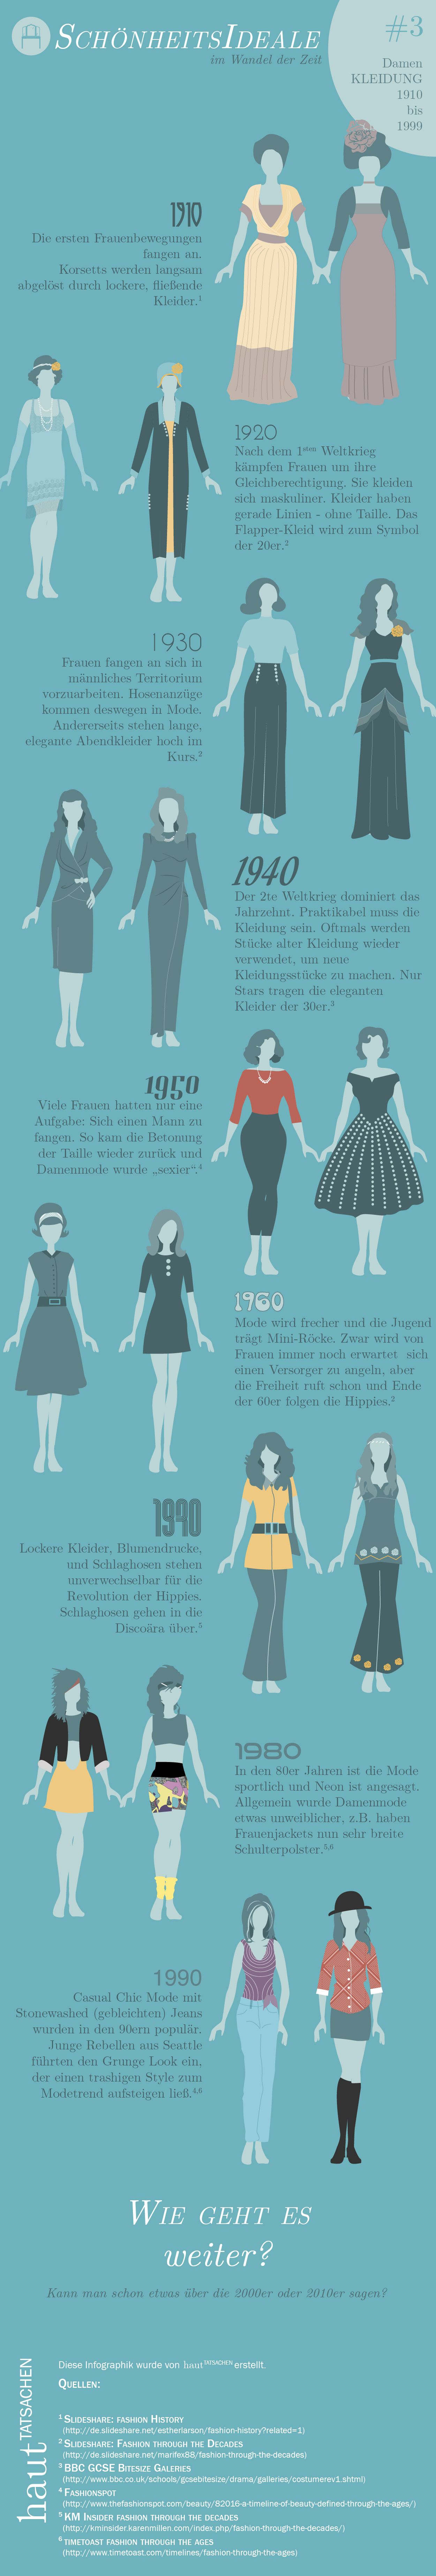 Schönheitsideale im Wandel der Zeit #5 - Kleidung